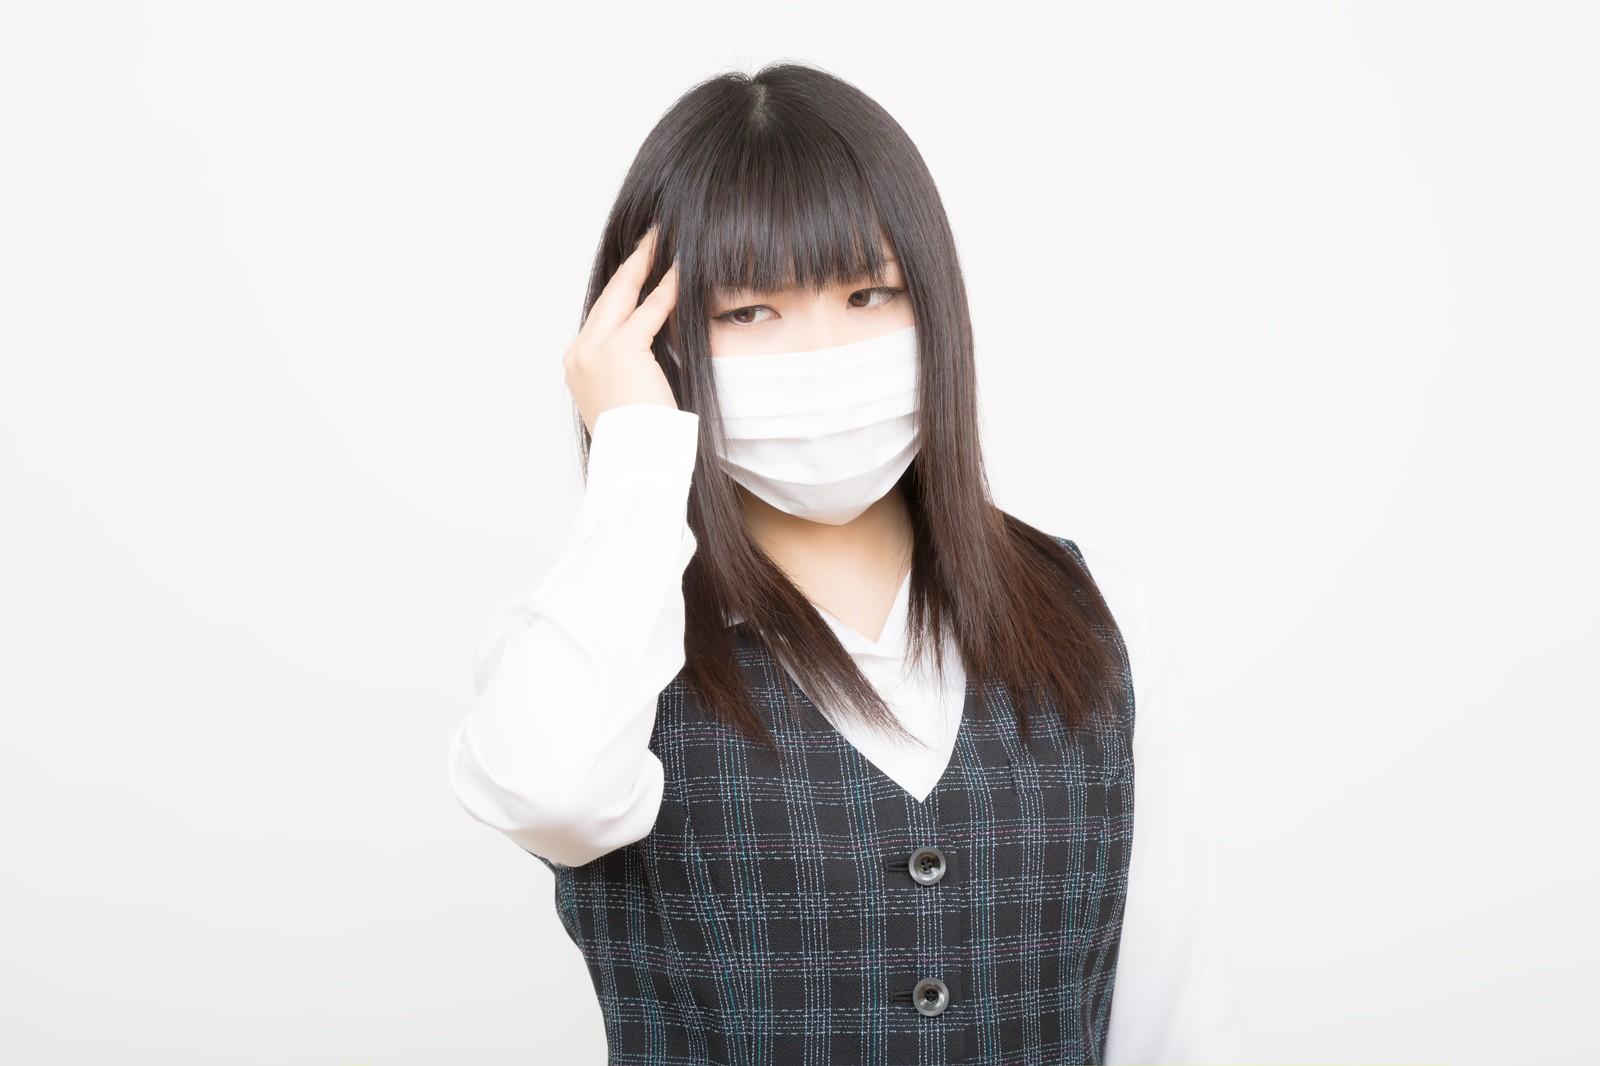 花粉症の症状で耳に違和感がありませんか?その原因と対処法とは